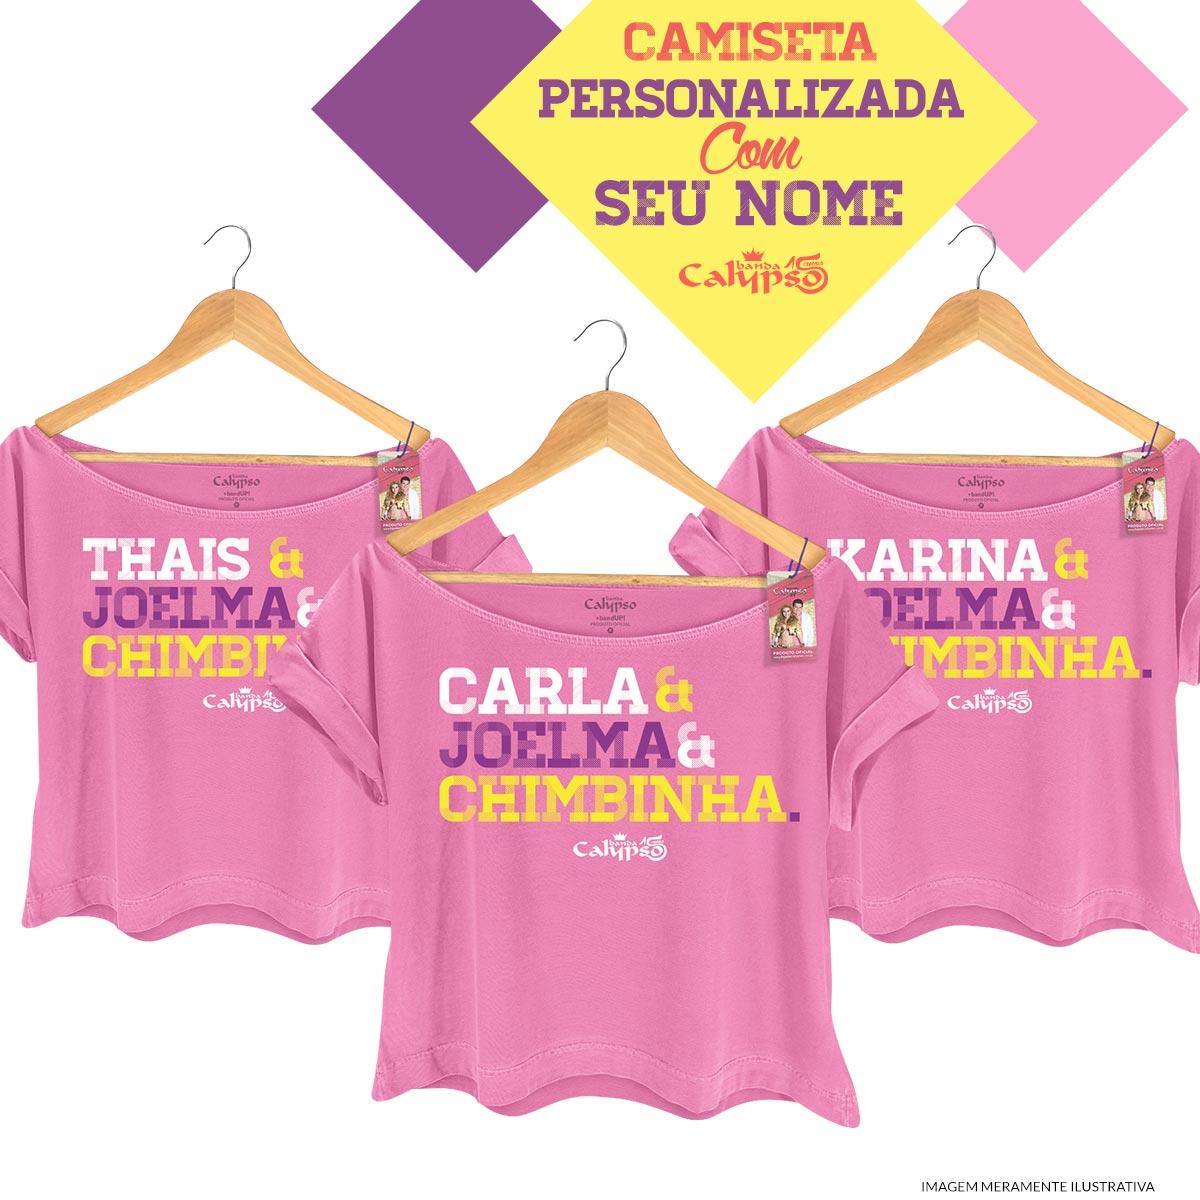 T-shirt Premium Feminina Calypso Você, Joelma e Chimbinnha